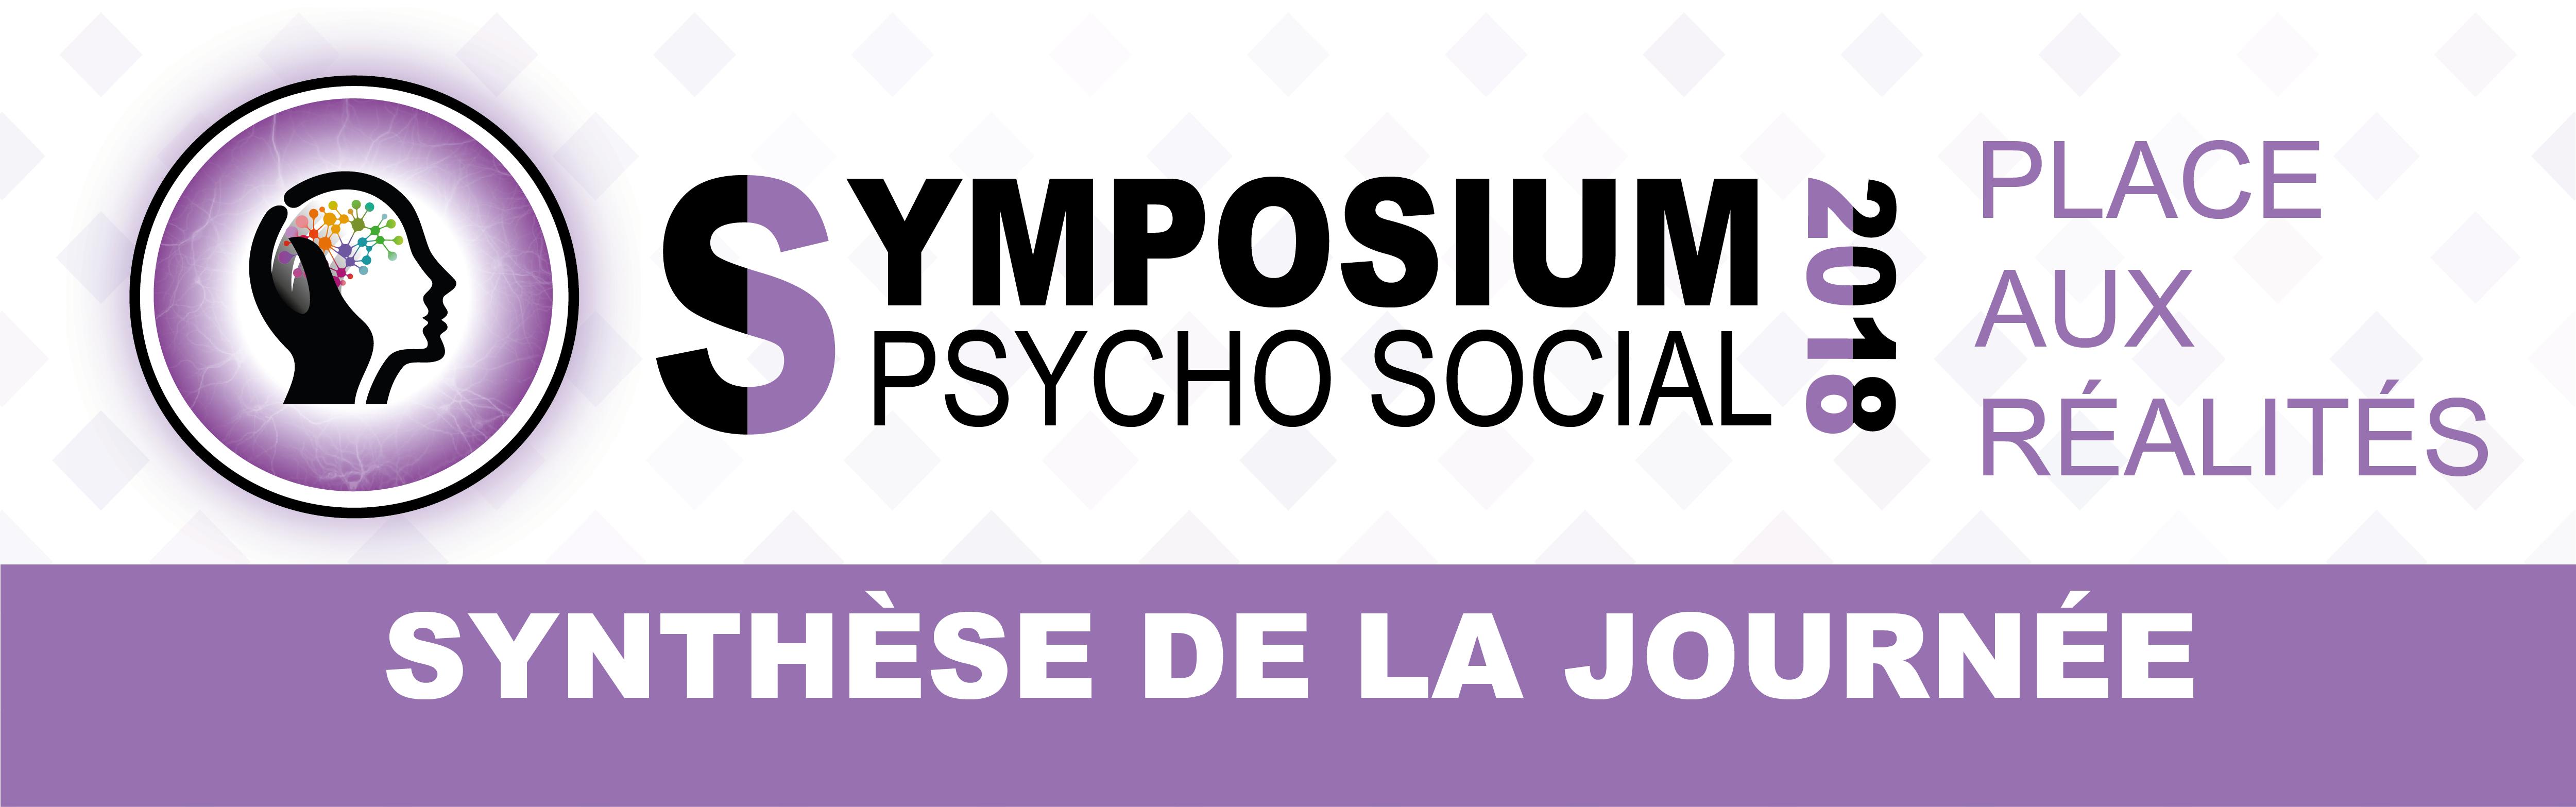 Symposium psychosocial 2018 –  Synthèse de la journée